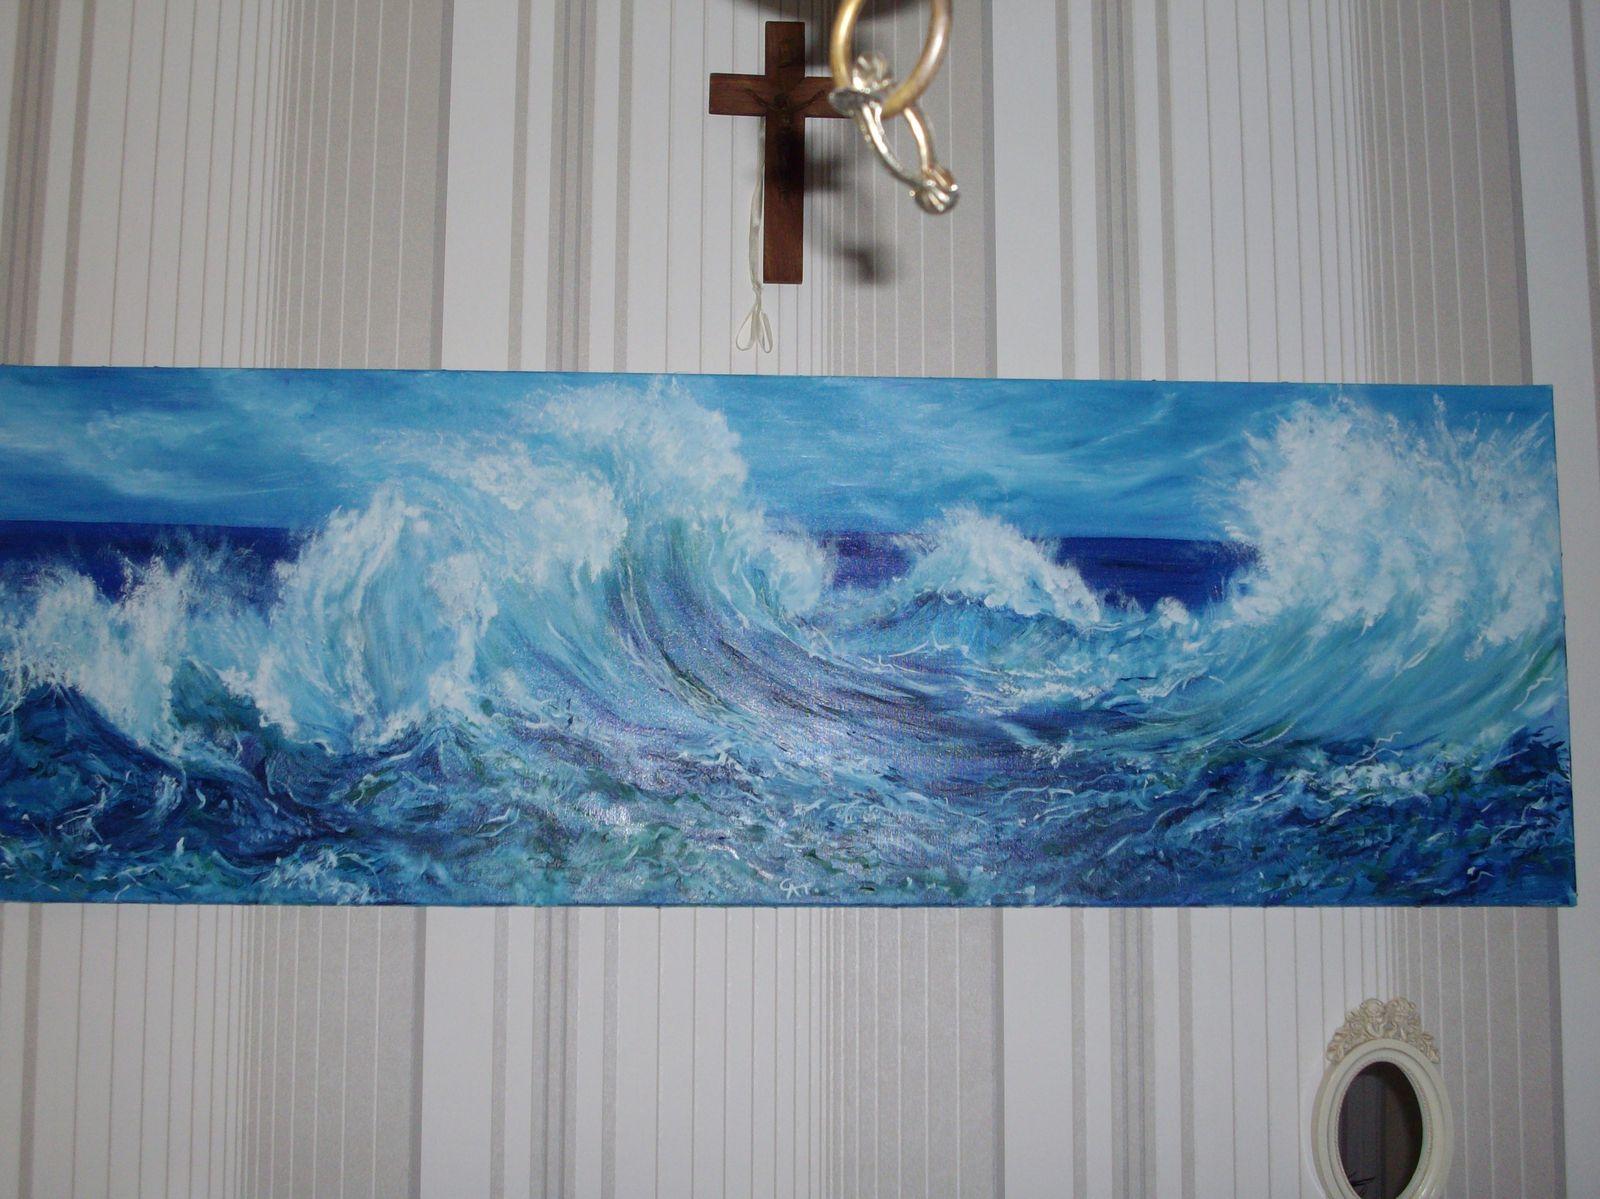 article the sea tableau peinture huile le spectacle d une mer agitee vague ecume quelle puissance energie intensite h